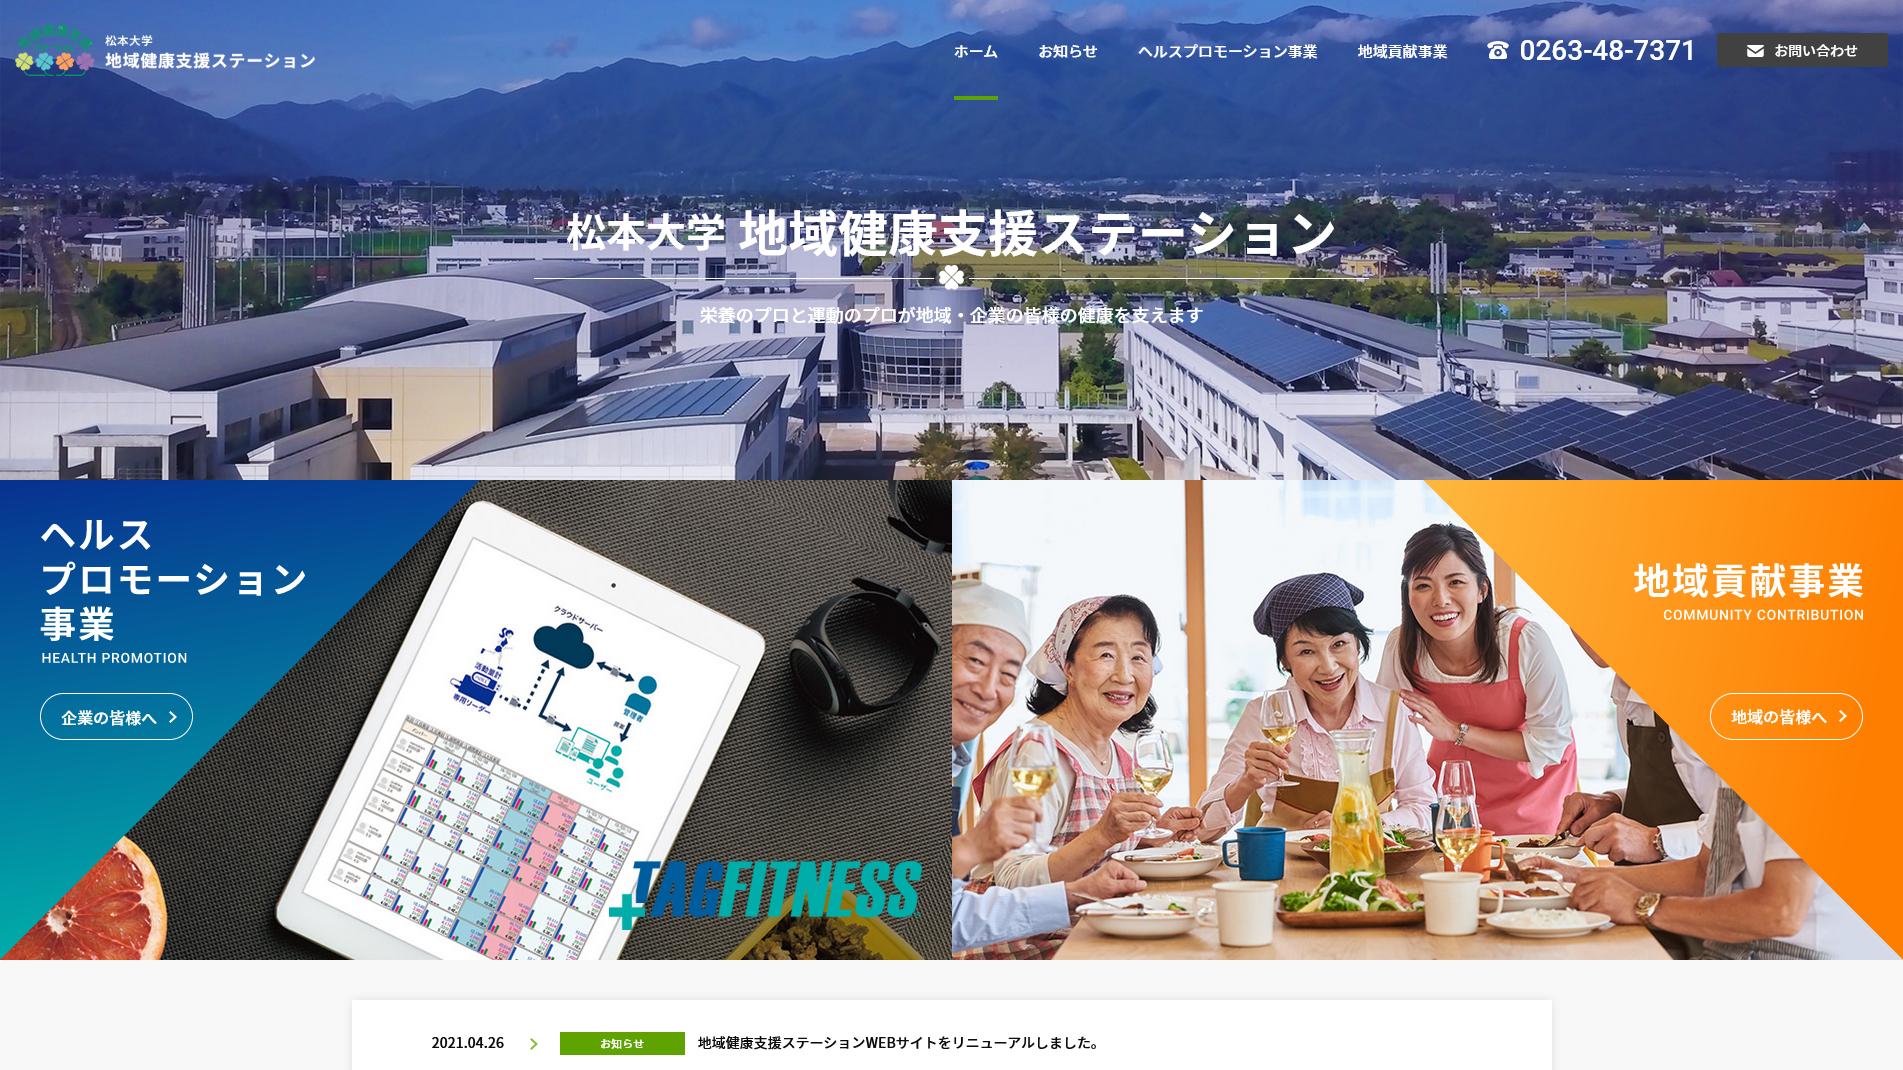 松本大学地域健康支援ステーションWEBサイトをリニューアルしました。